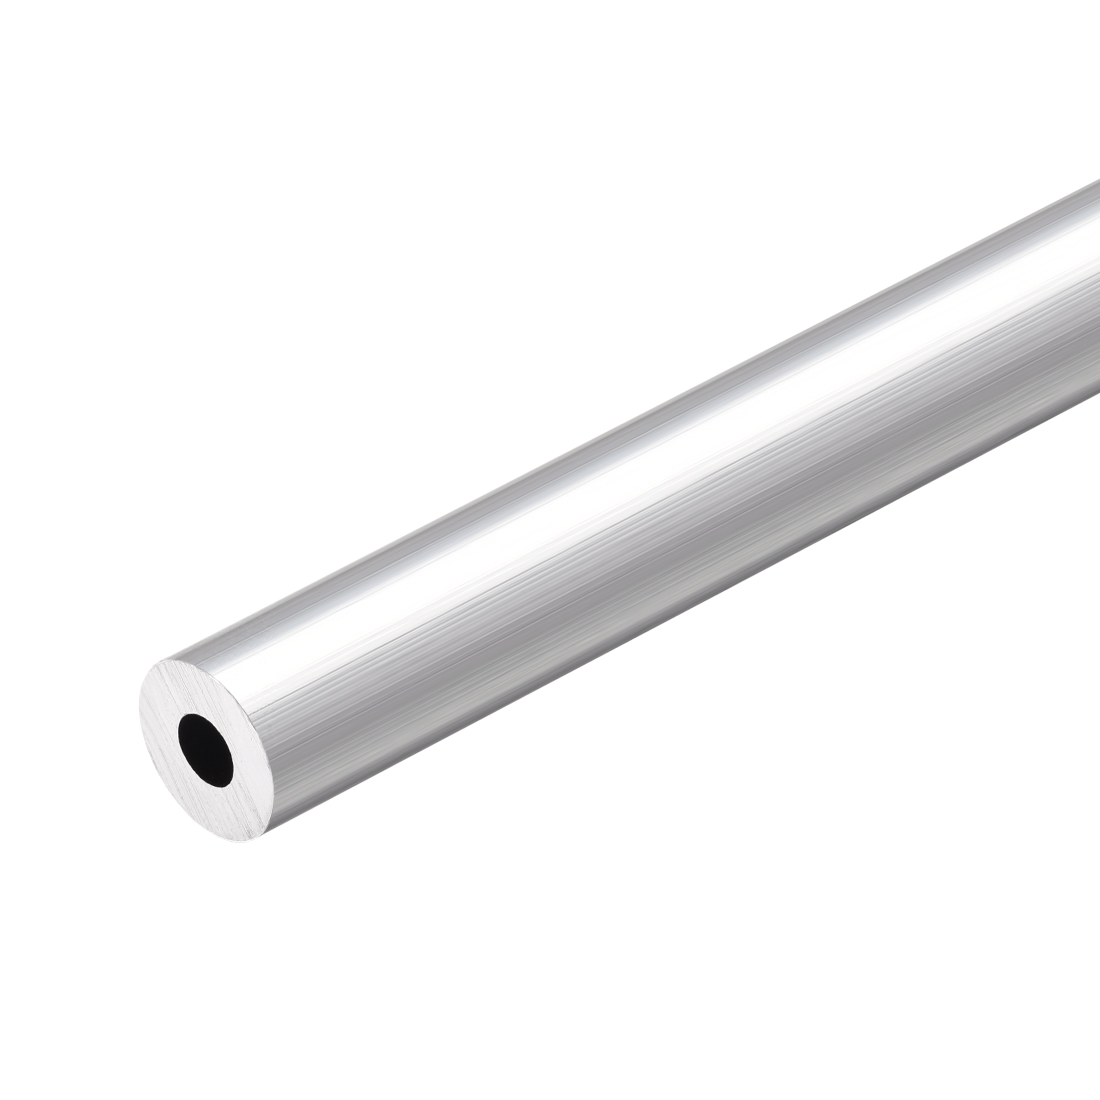 6063 Aluminum Round Tube 300mm Length 12mm OD 5mm Inner Dia Seamless Tubing